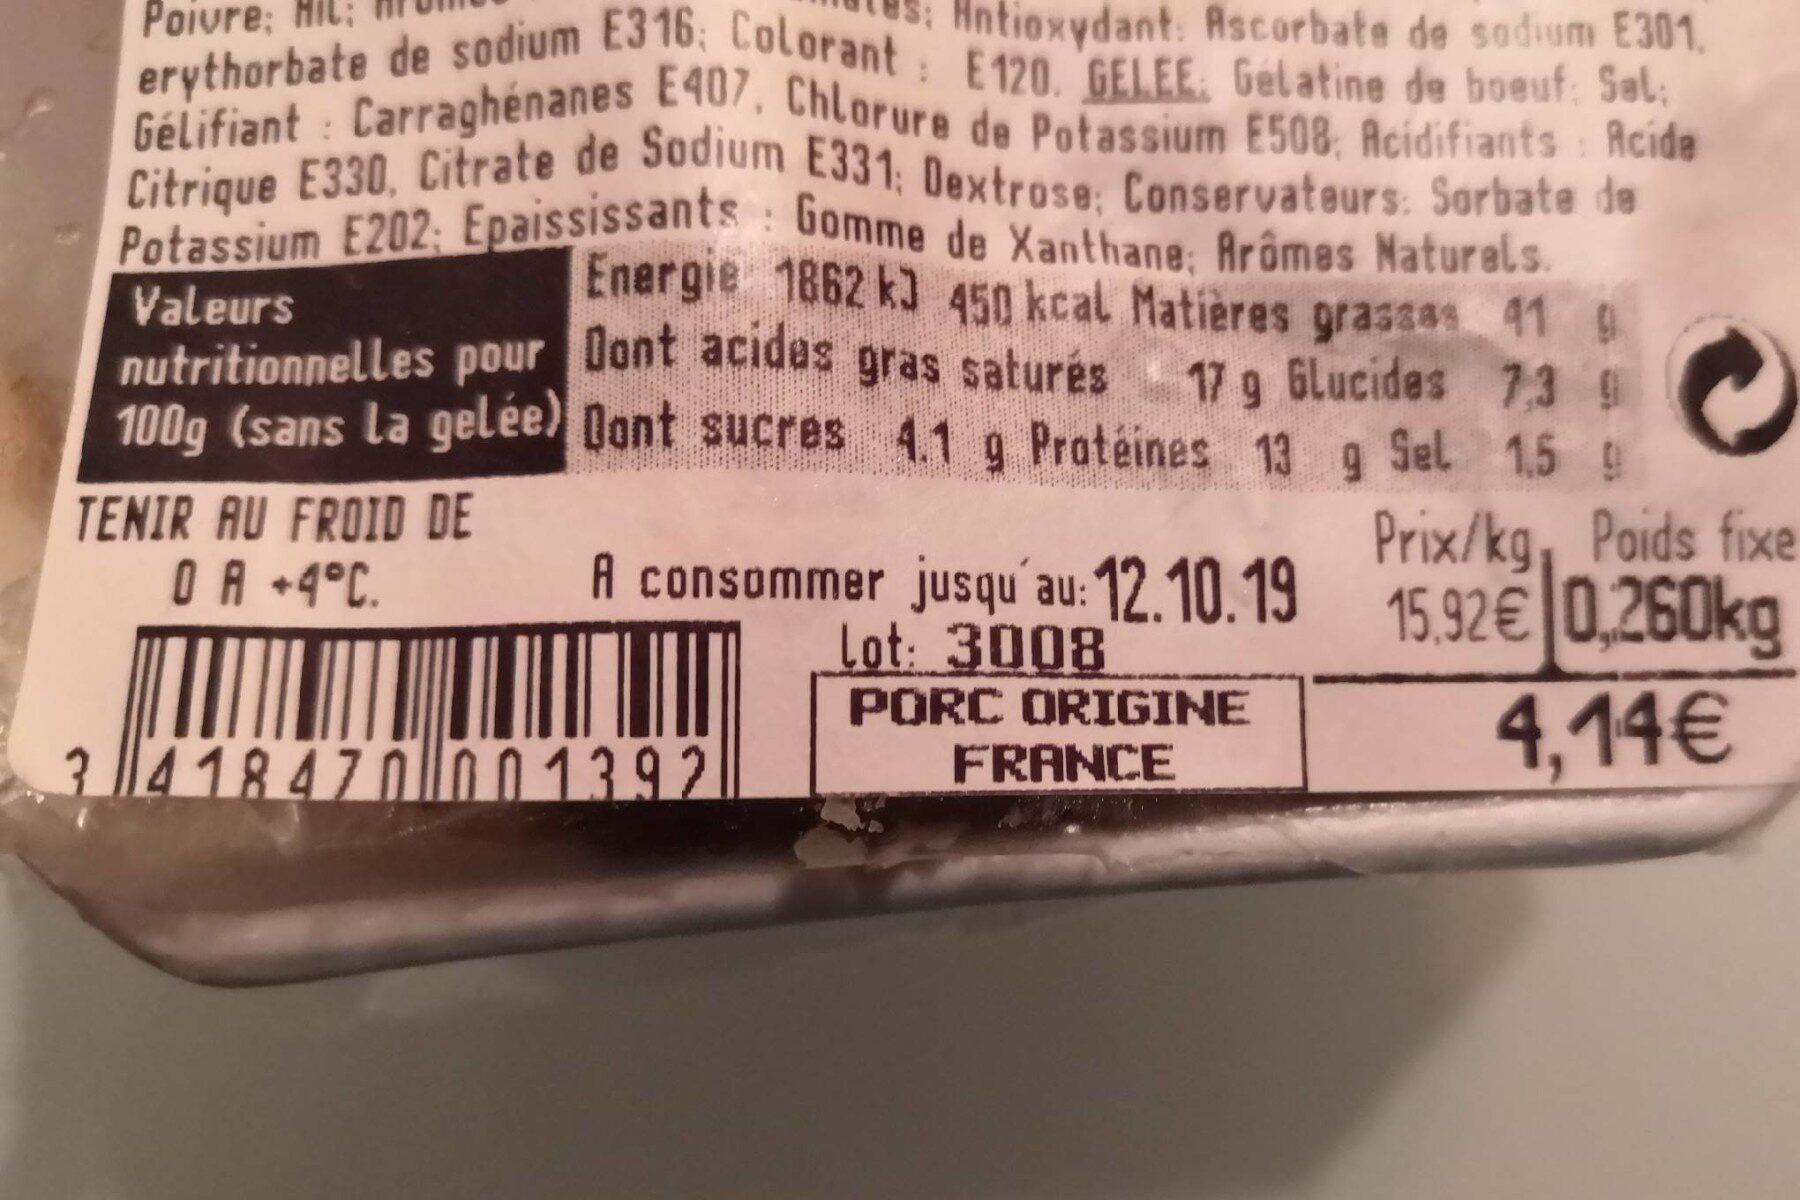 Terrine aux pommes - Informations nutritionnelles - fr